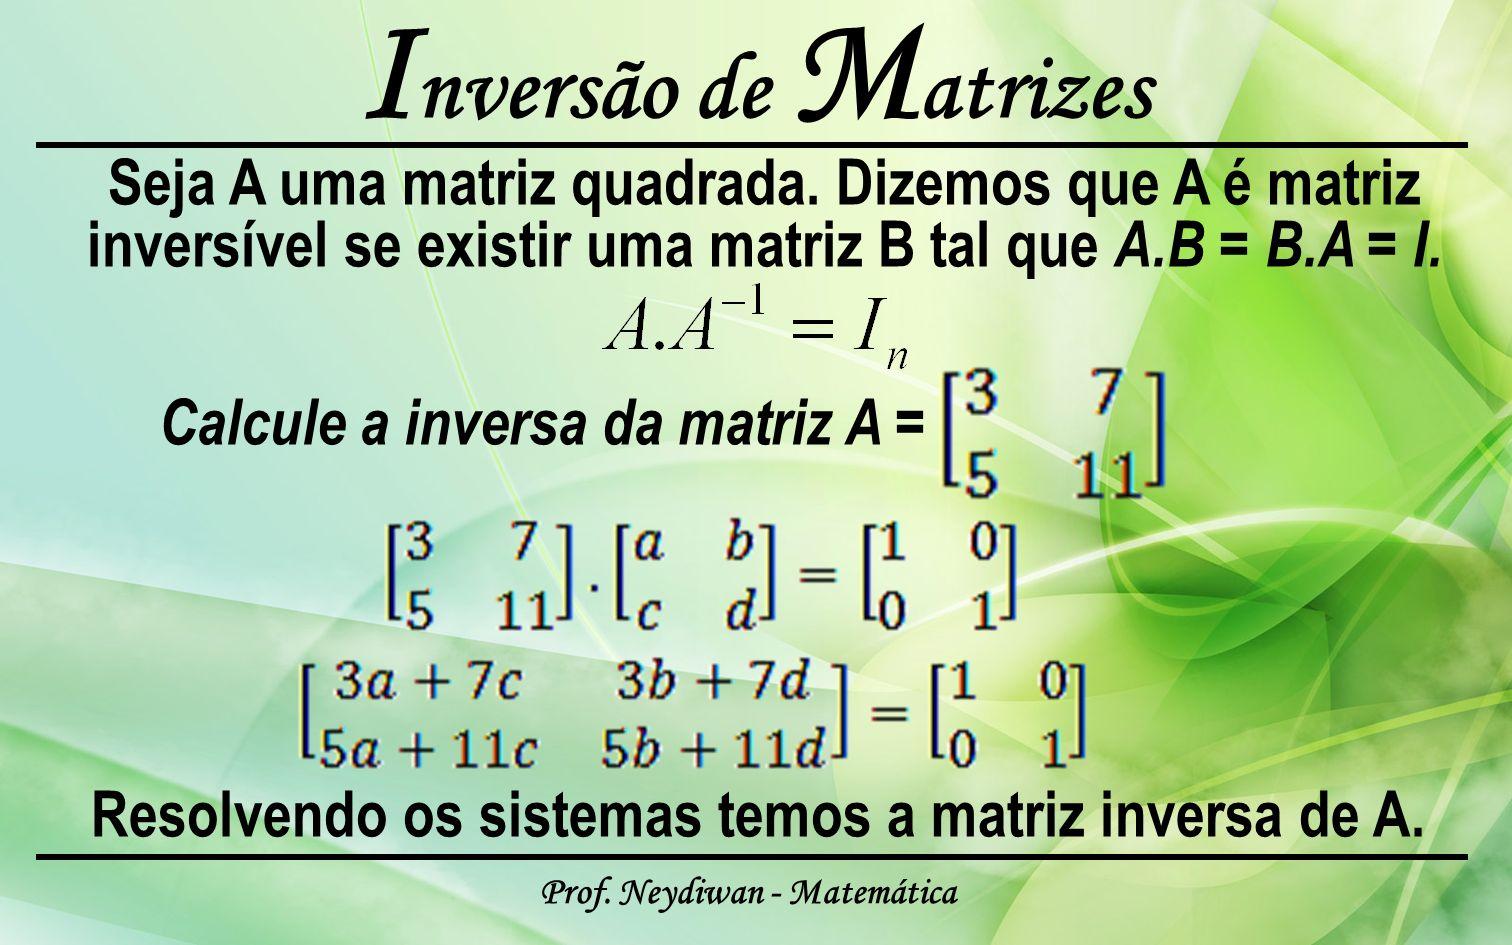 Prof. Neydiwan - Matemática I nversão de M atrizes Seja A uma matriz quadrada. Dizemos que A é matriz inversível se existir uma matriz B tal que A.B =